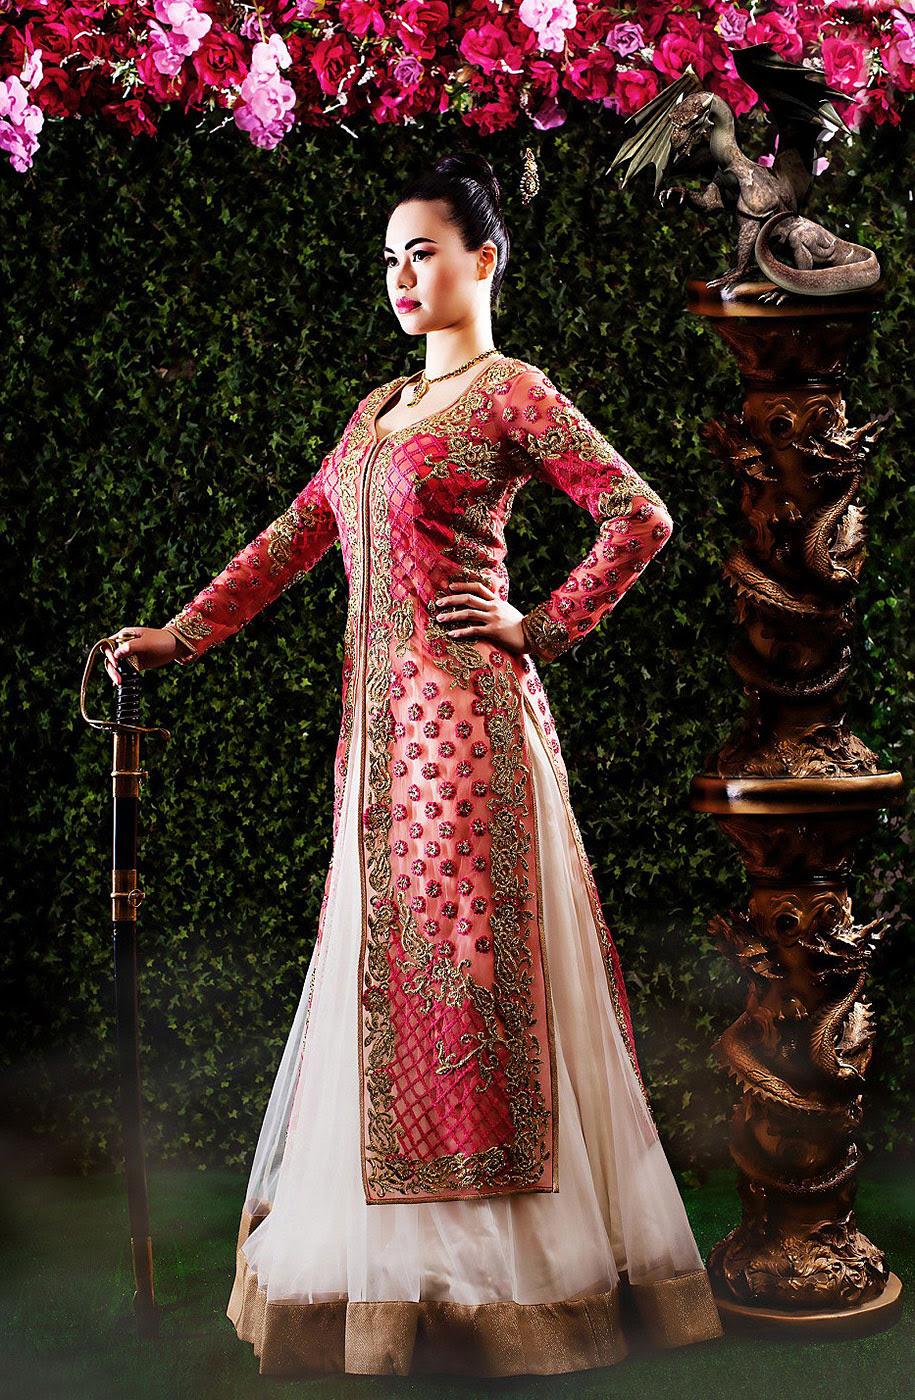 Disney-πριγκίπισσα νύφη-Ινδία-γάμος-φωτογραφία-Amrit-Grewal-5